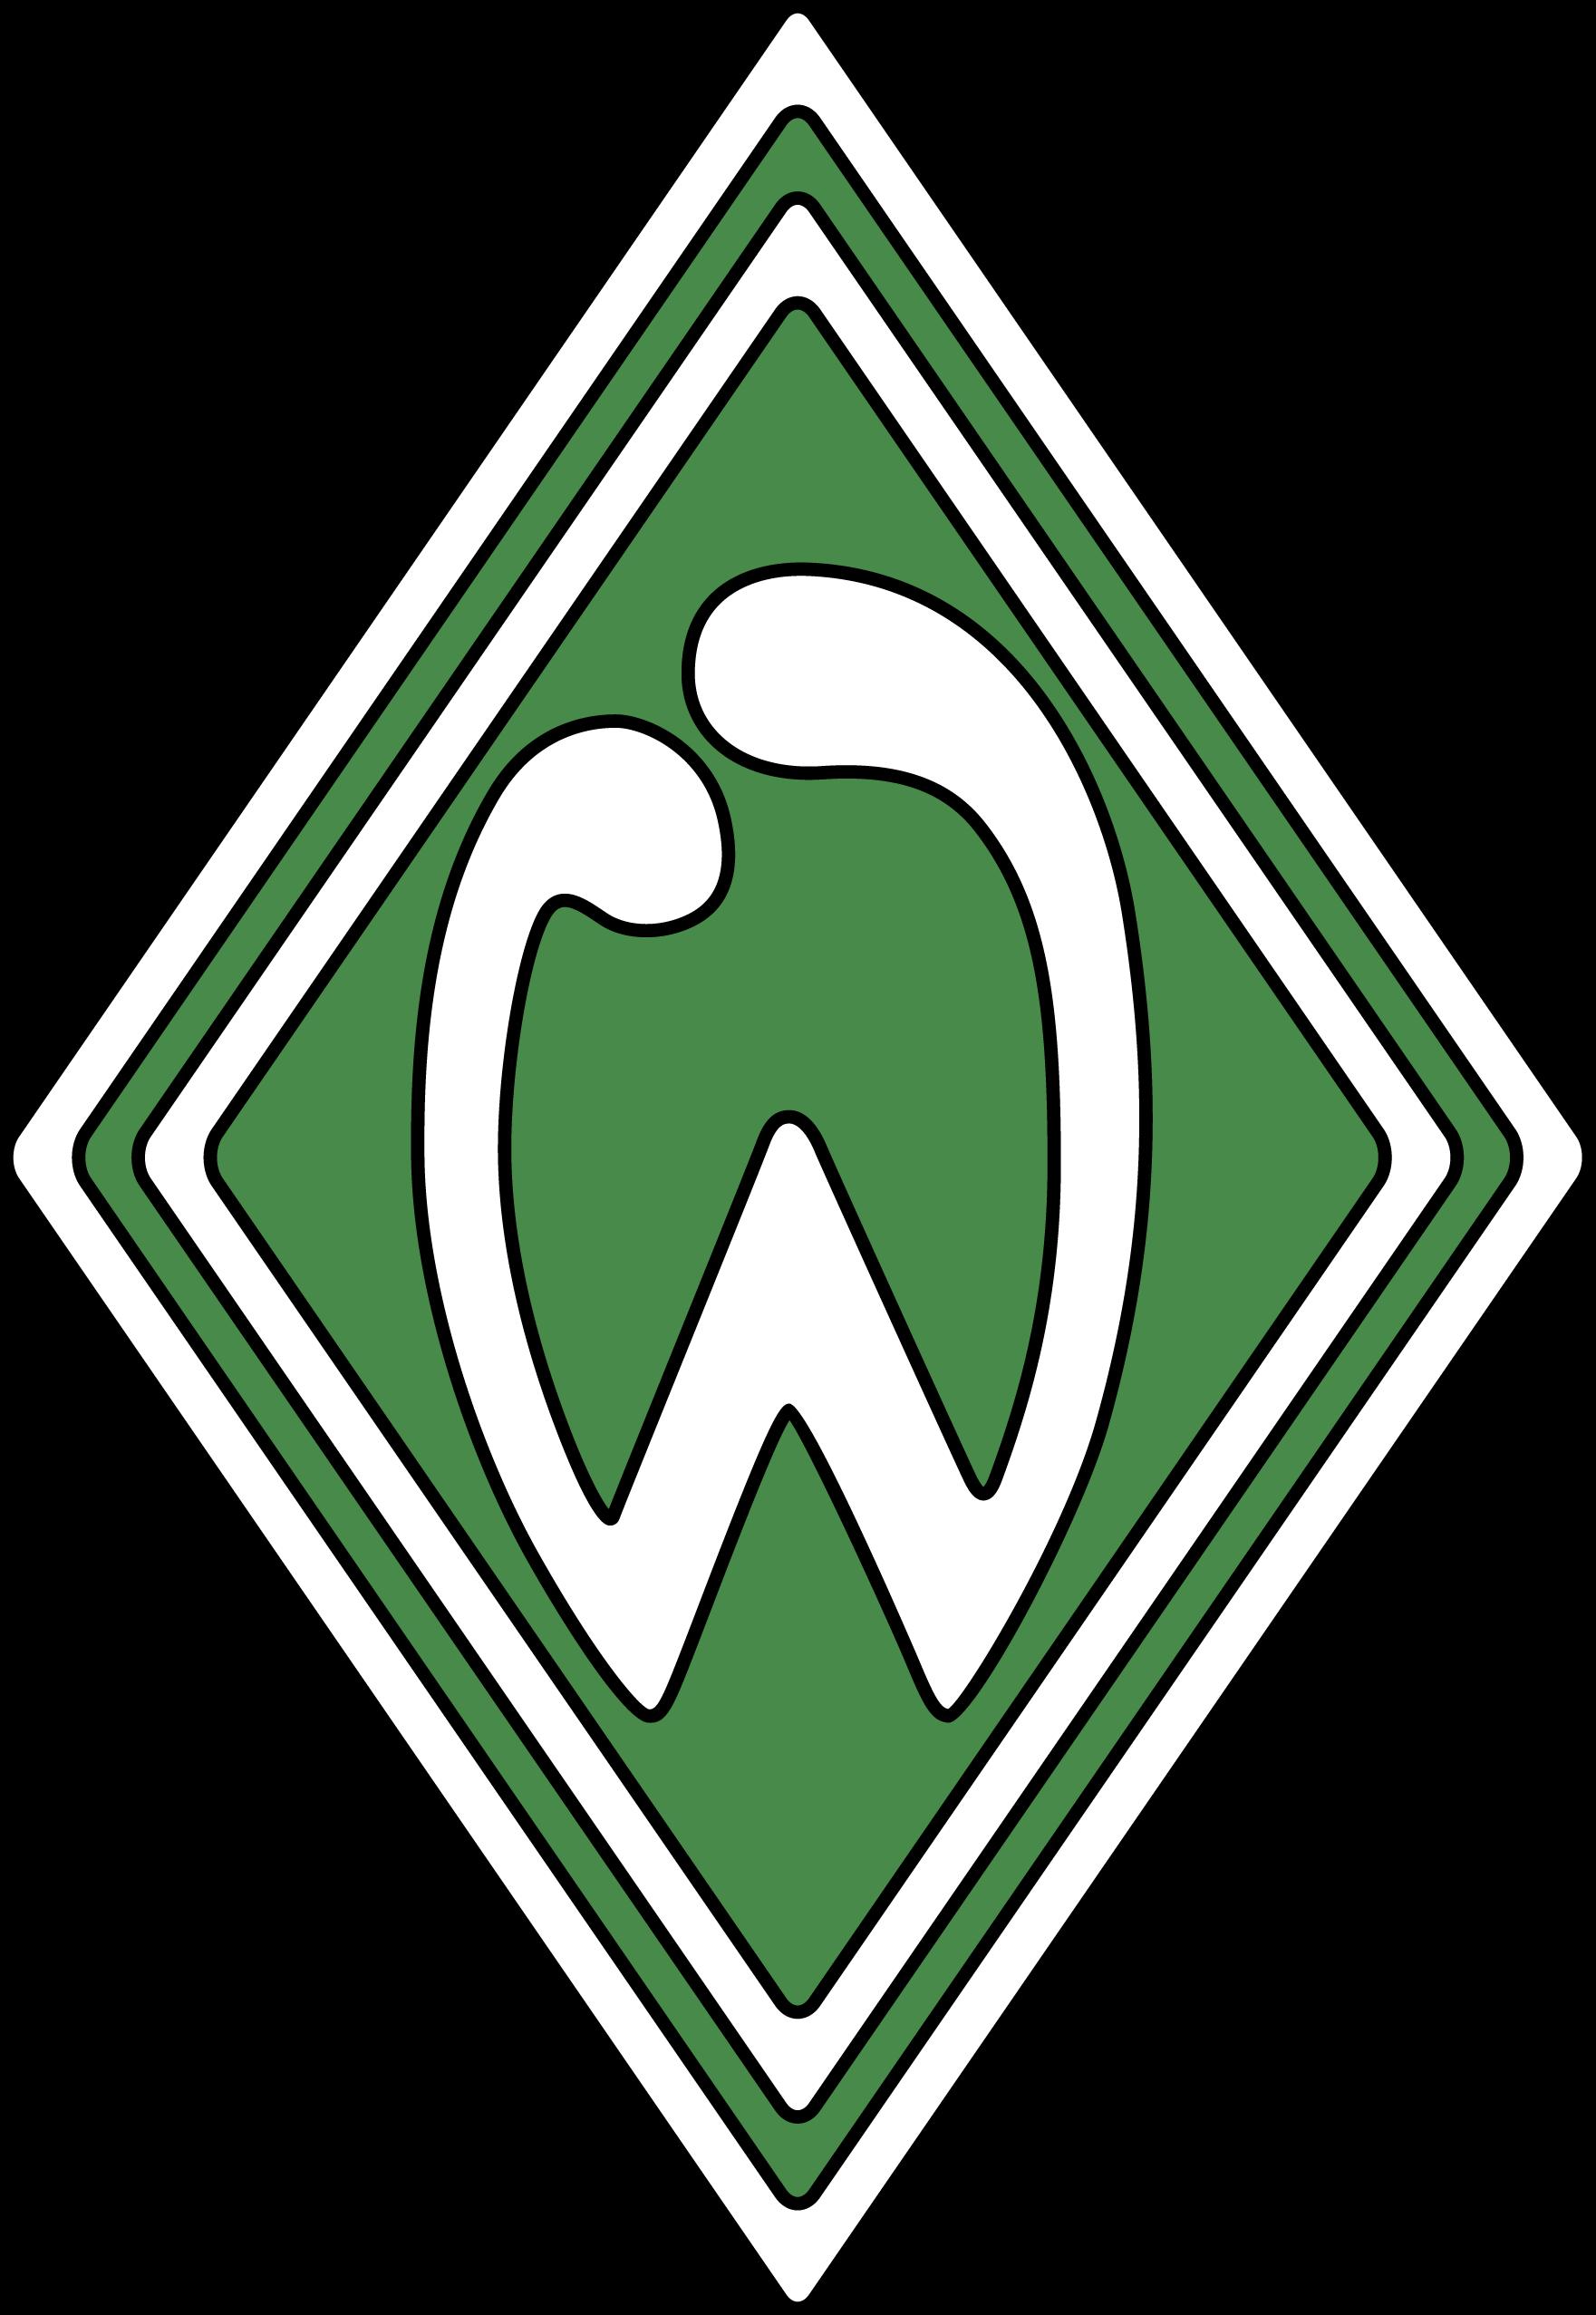 Gemeinsame Werder Bremen | logos - soccer | Football, Sports logo, Soccer @AX_86